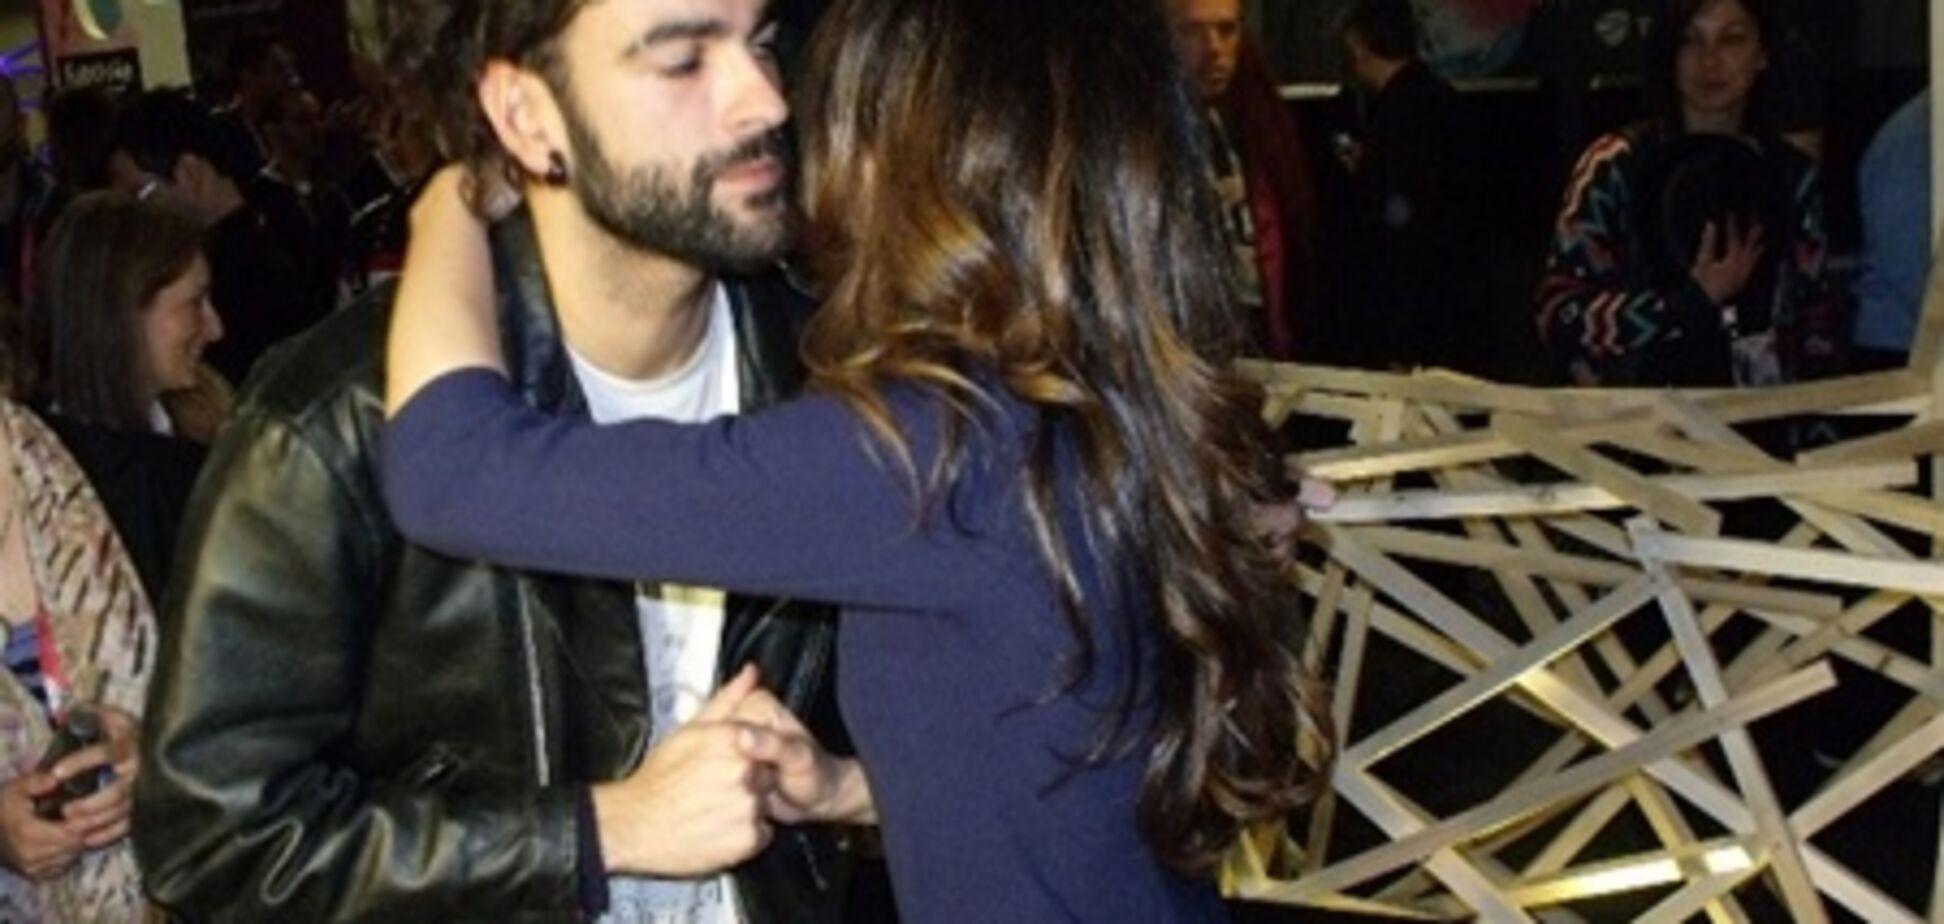 Злата Огневич познакомилась с симпатичным итальянцем на Евровидении